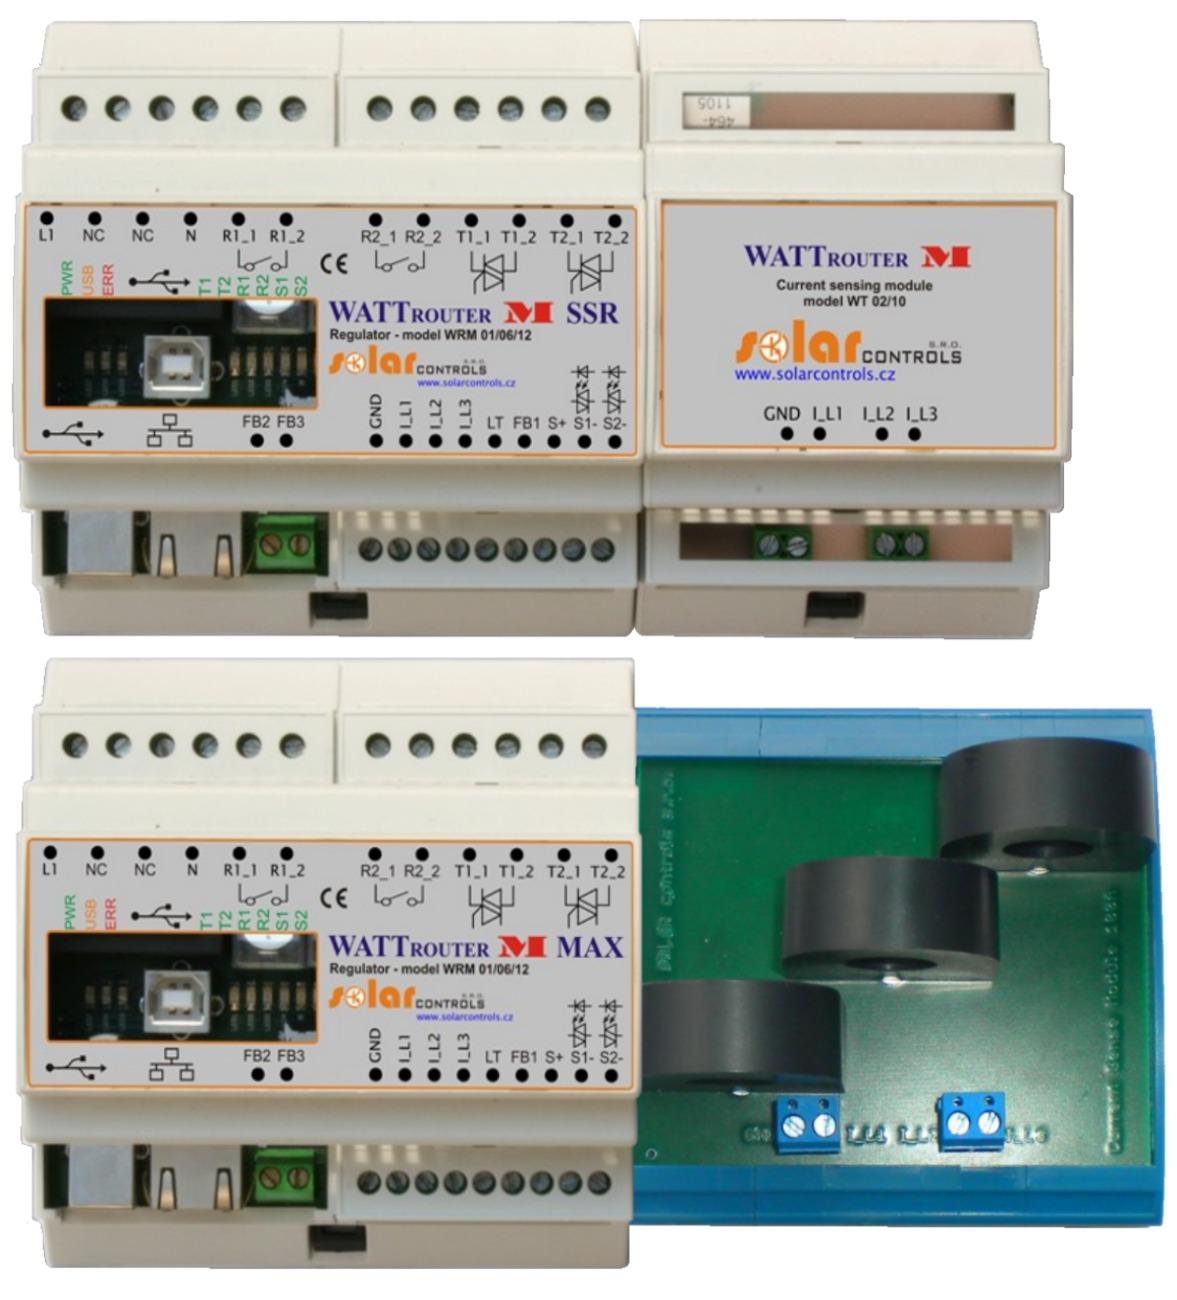 Модификации Wattrouter M: SSR и SSR Max